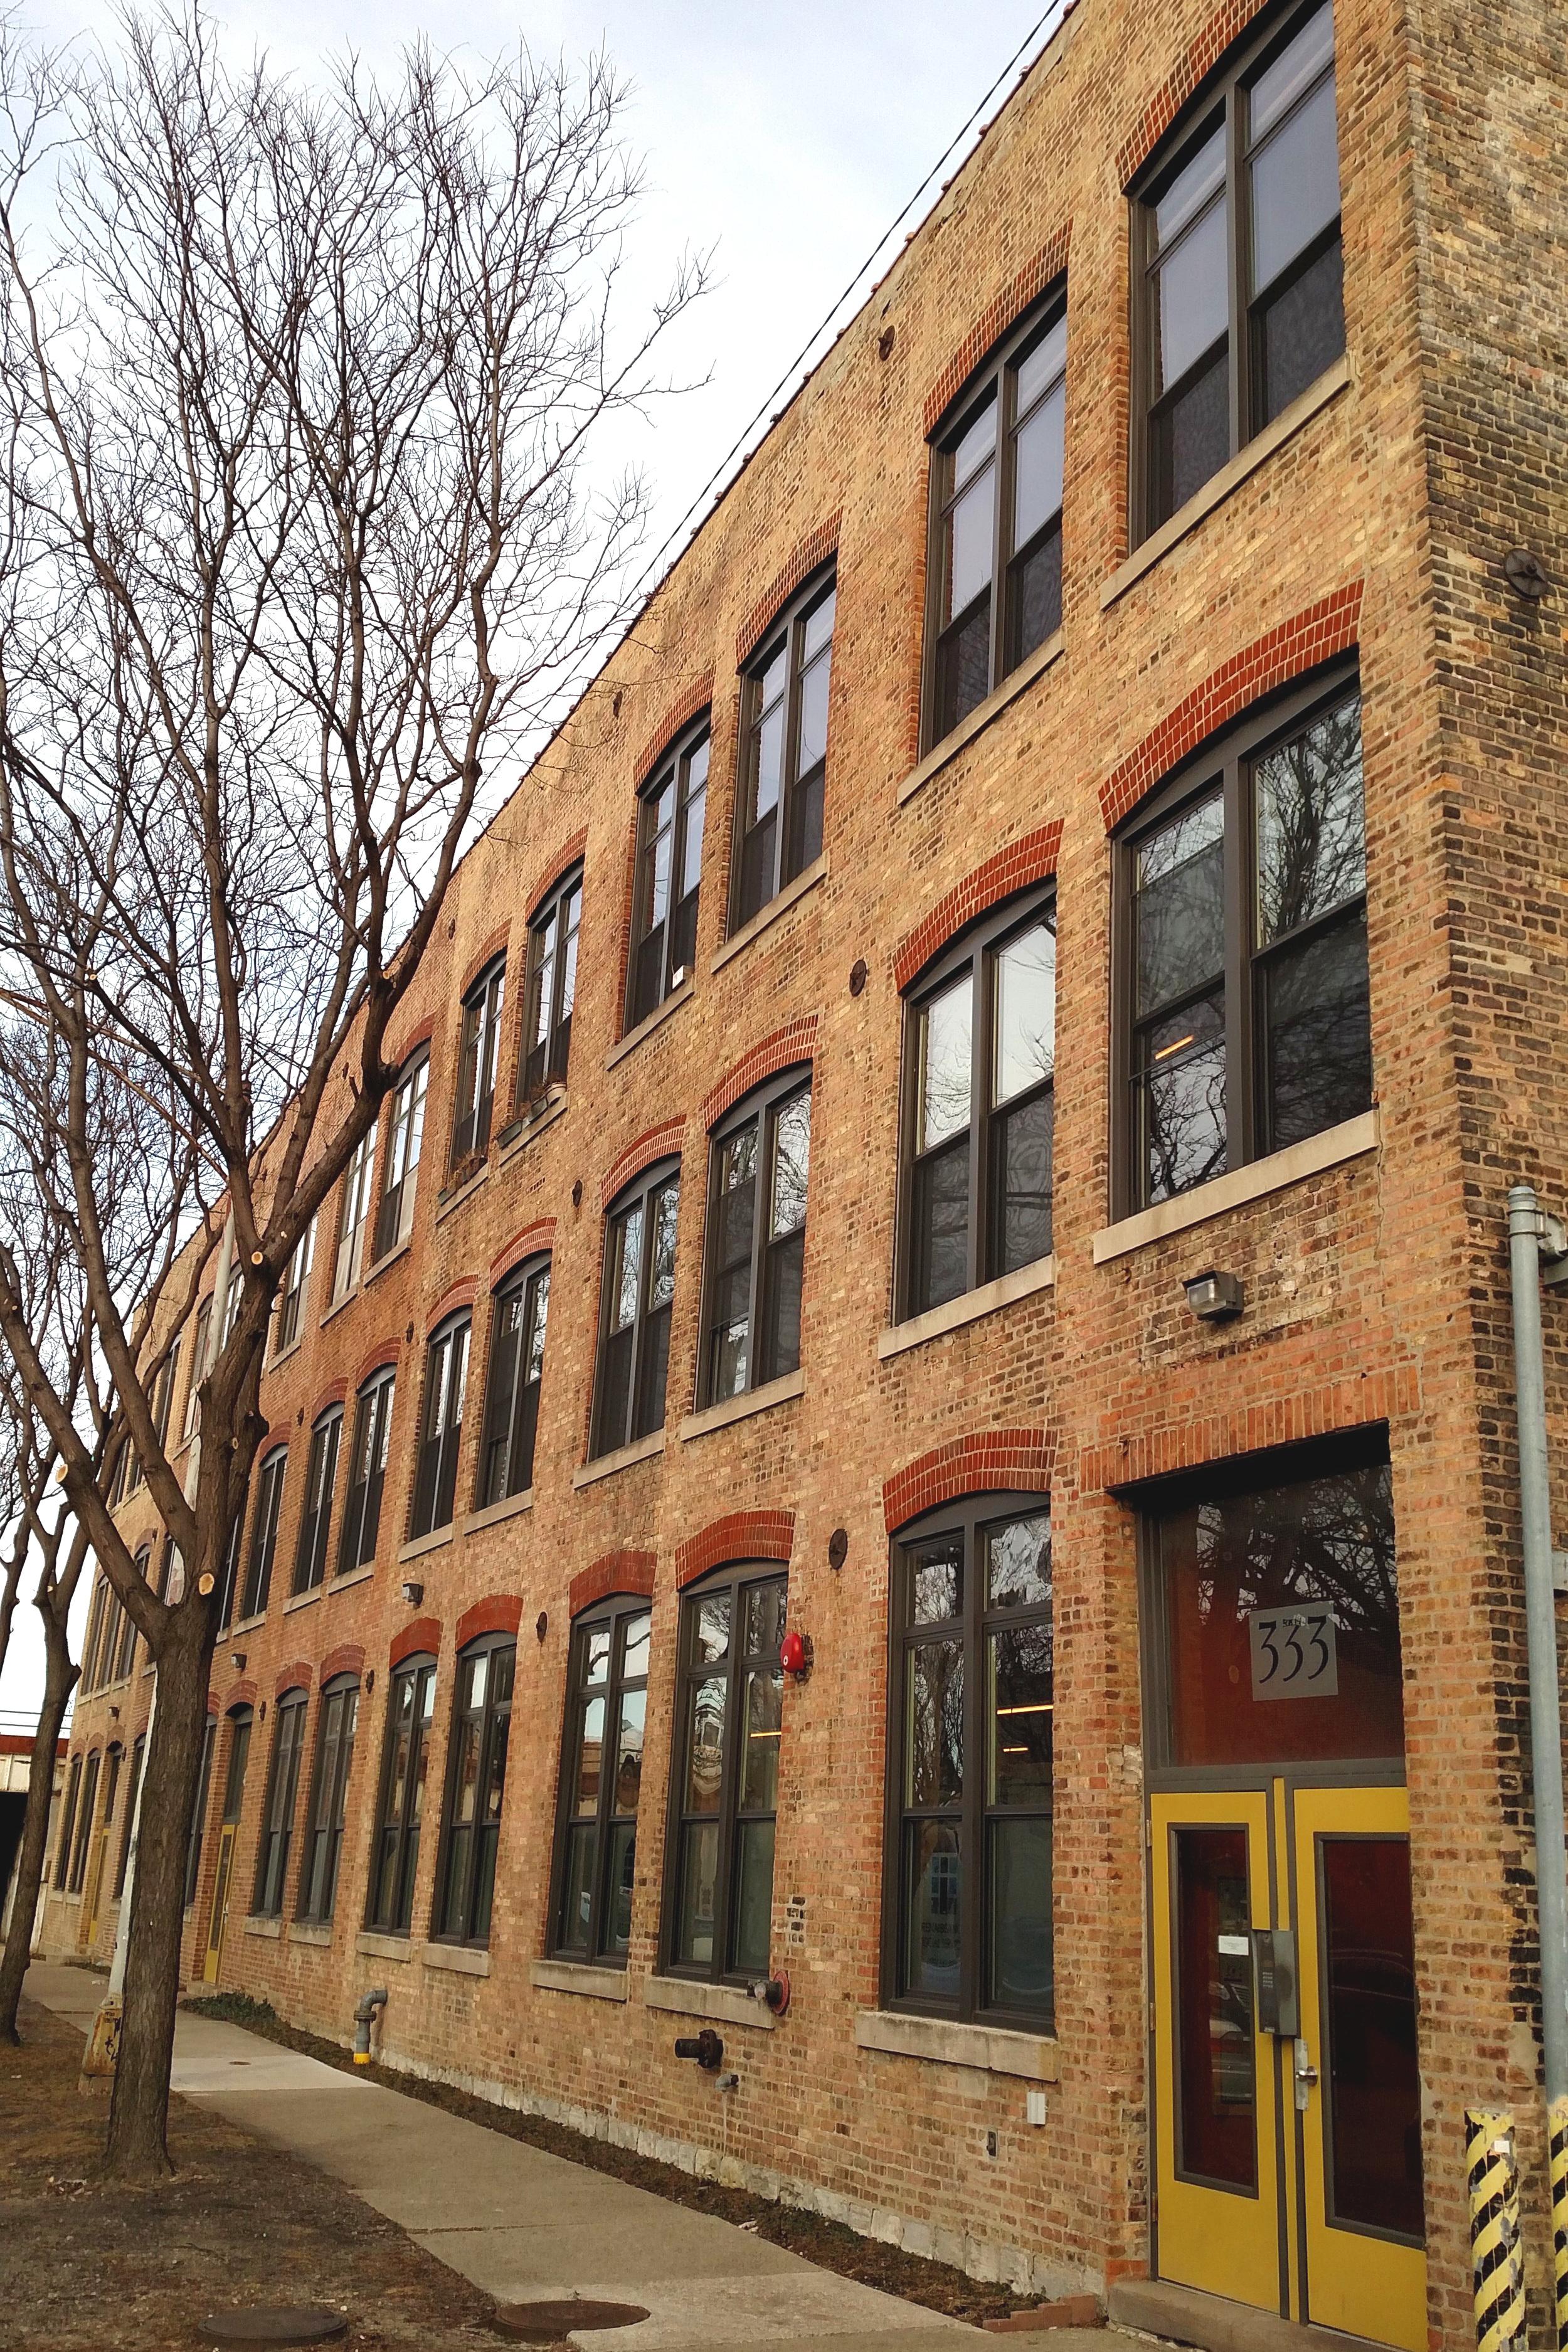 333-9 N. Oakley - Industrial loft / office